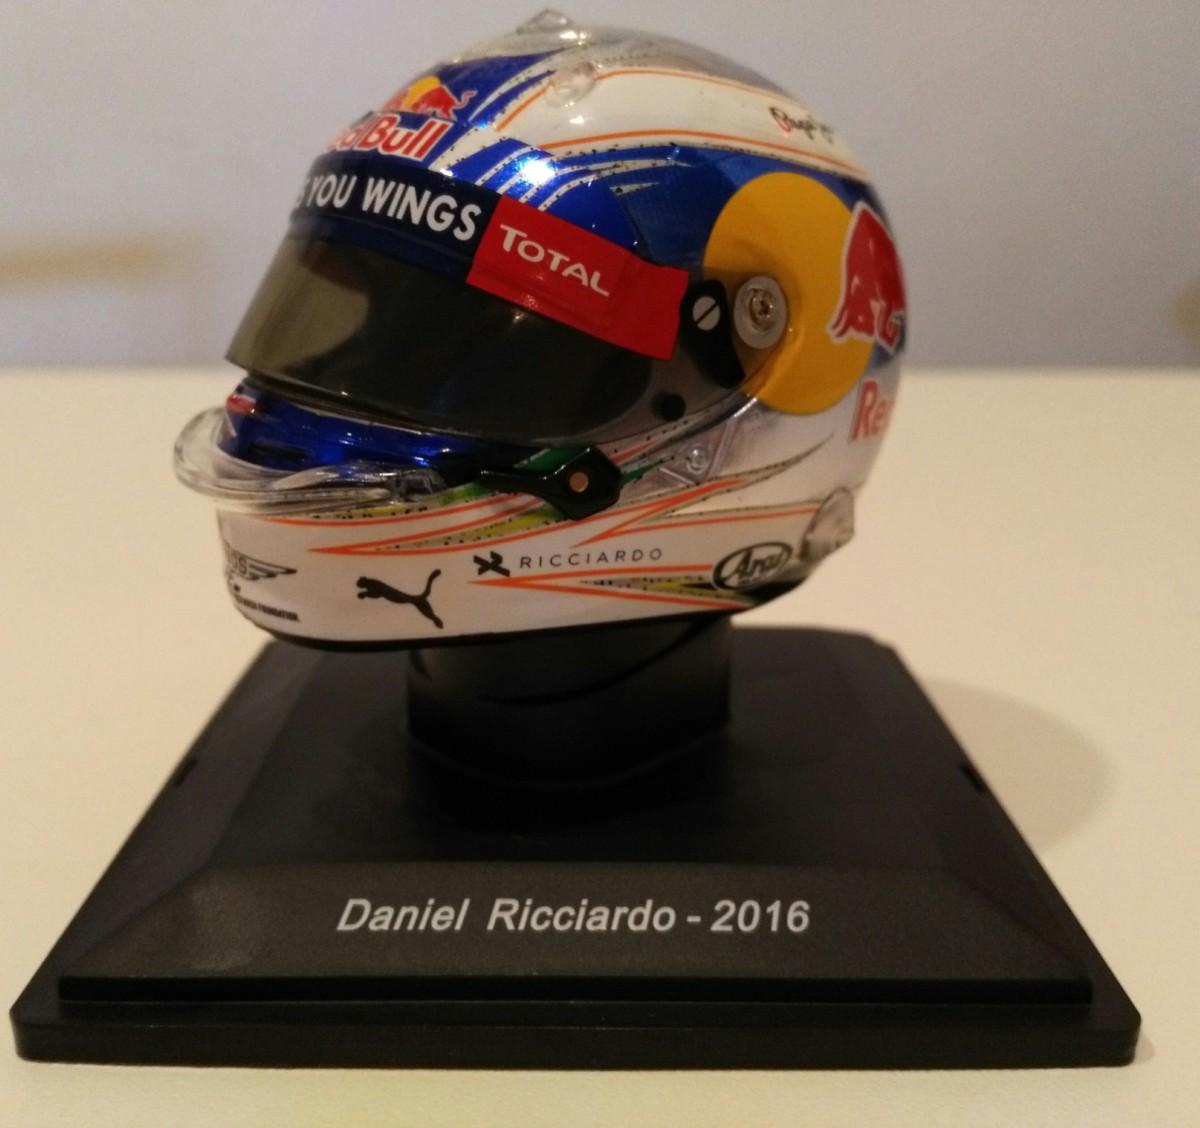 Come sarà il casco di Ricciardo nel 2019?